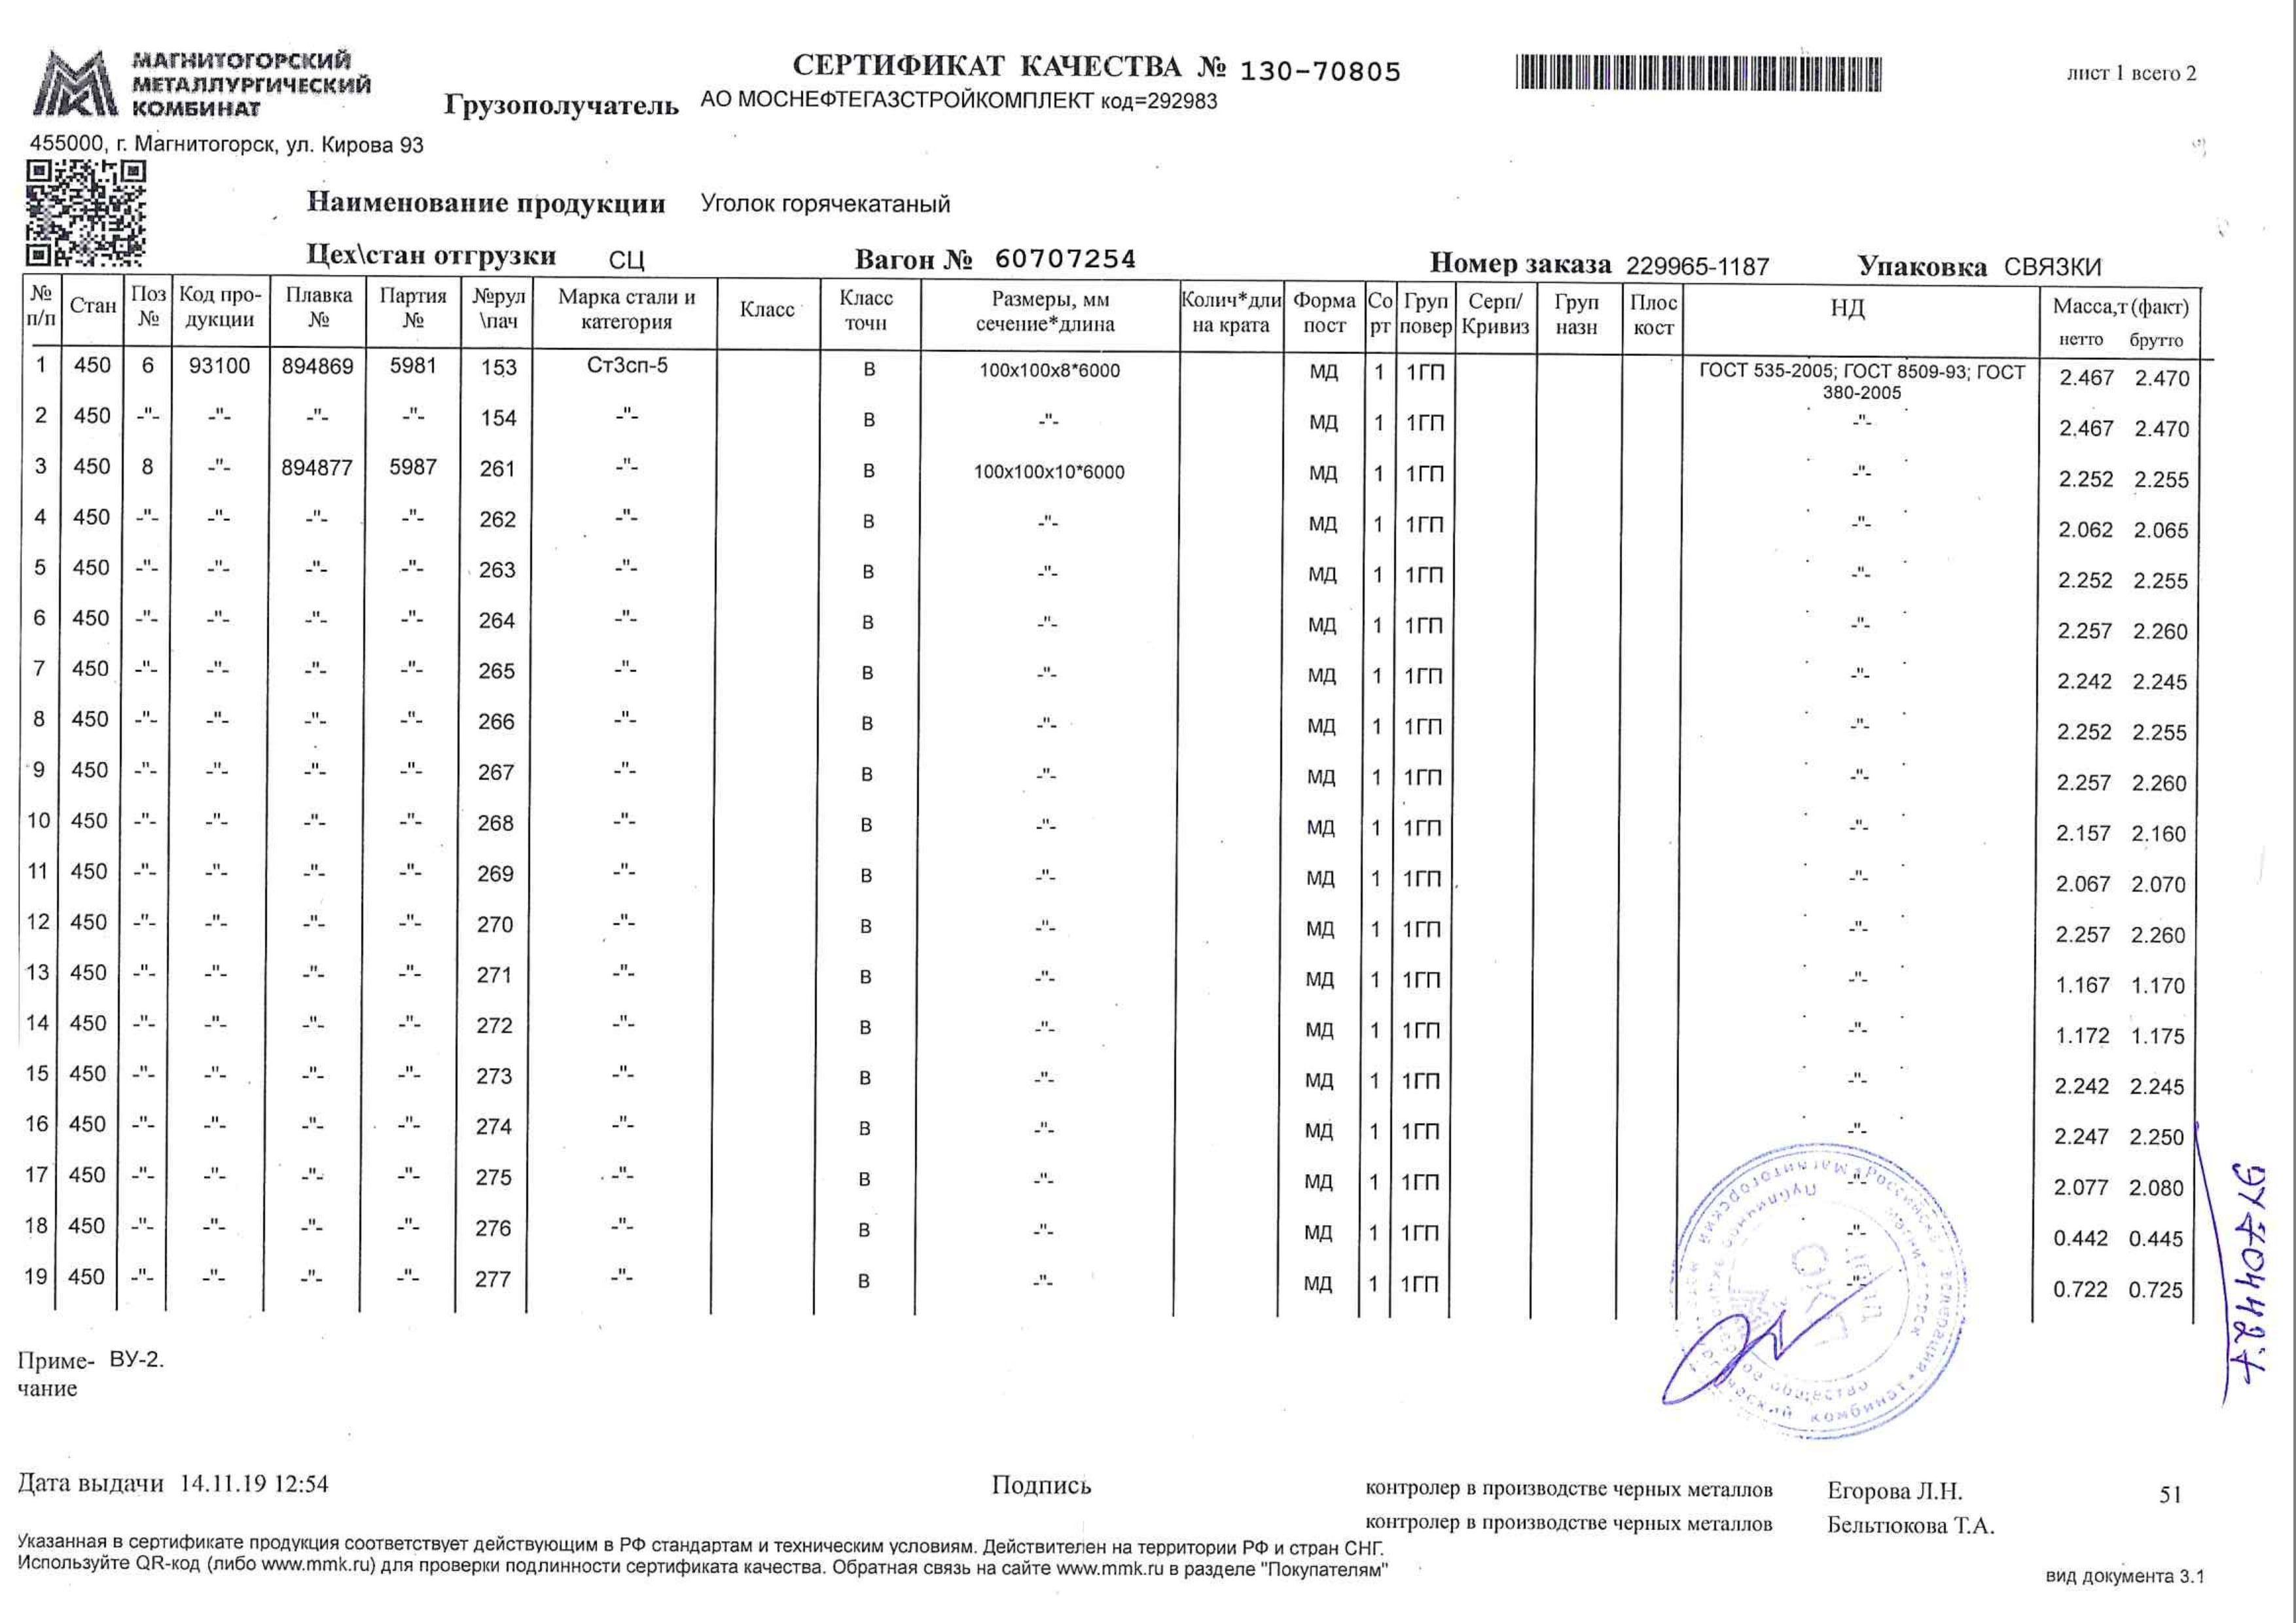 Сертификат на уголок 100x100x8